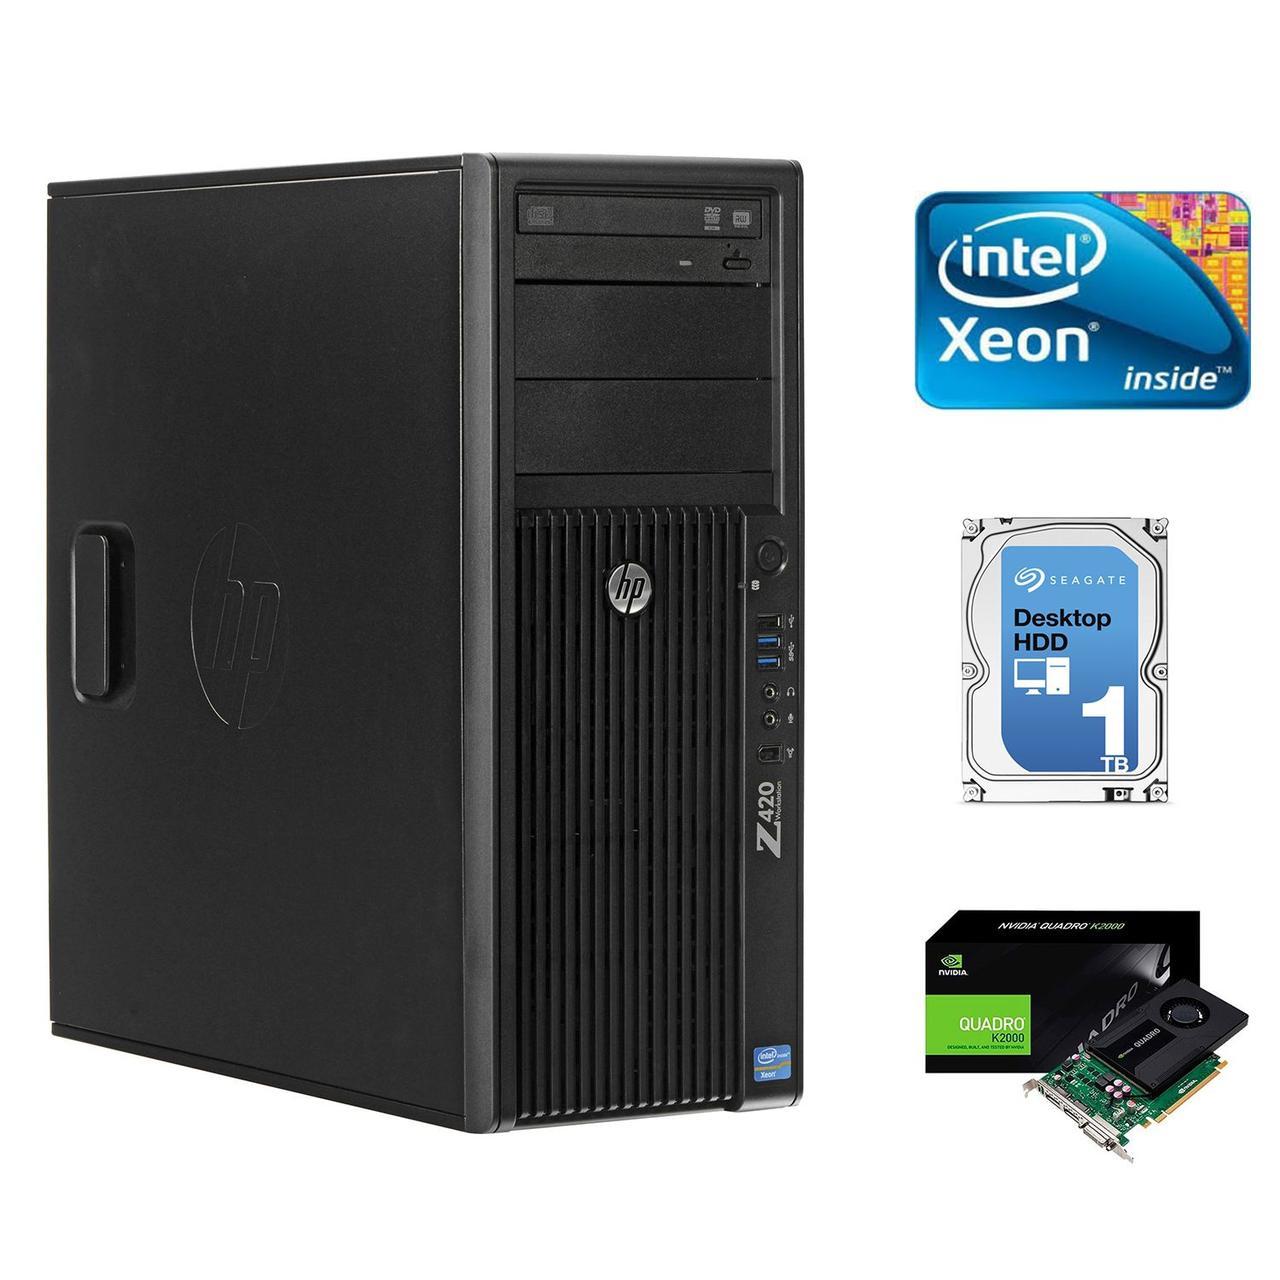 Hewlett-Packard Z420 Workstation / Intel Xeon E5-1650 / 4GB DDR3 / 1000 ГБ HDD / NVIDIA Quadro K2000 2 GB GDDR5 128-bit Graphics